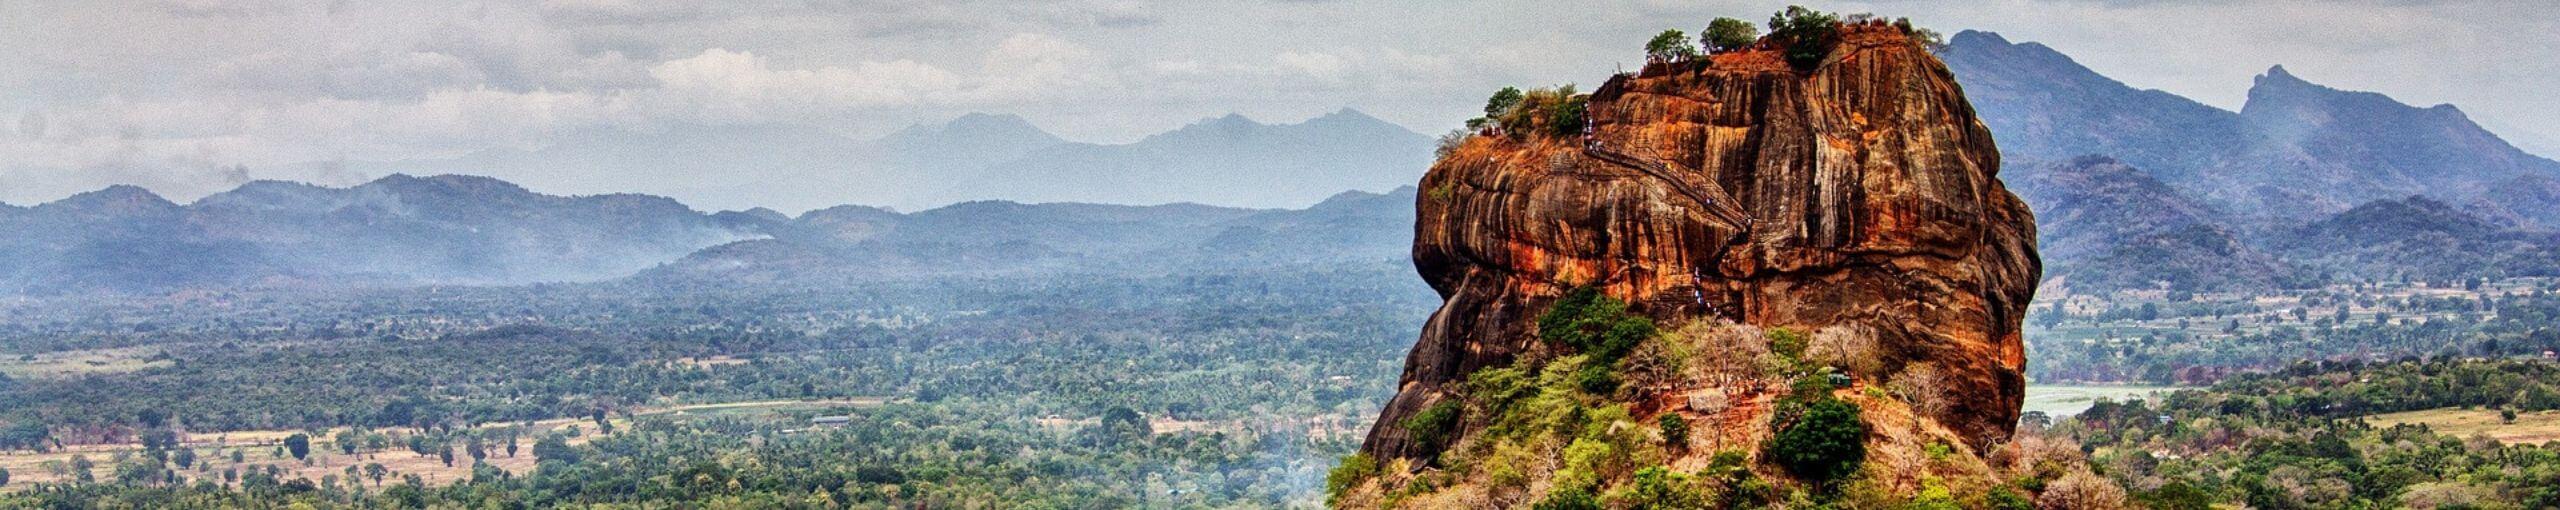 Roca de Sigiriya.